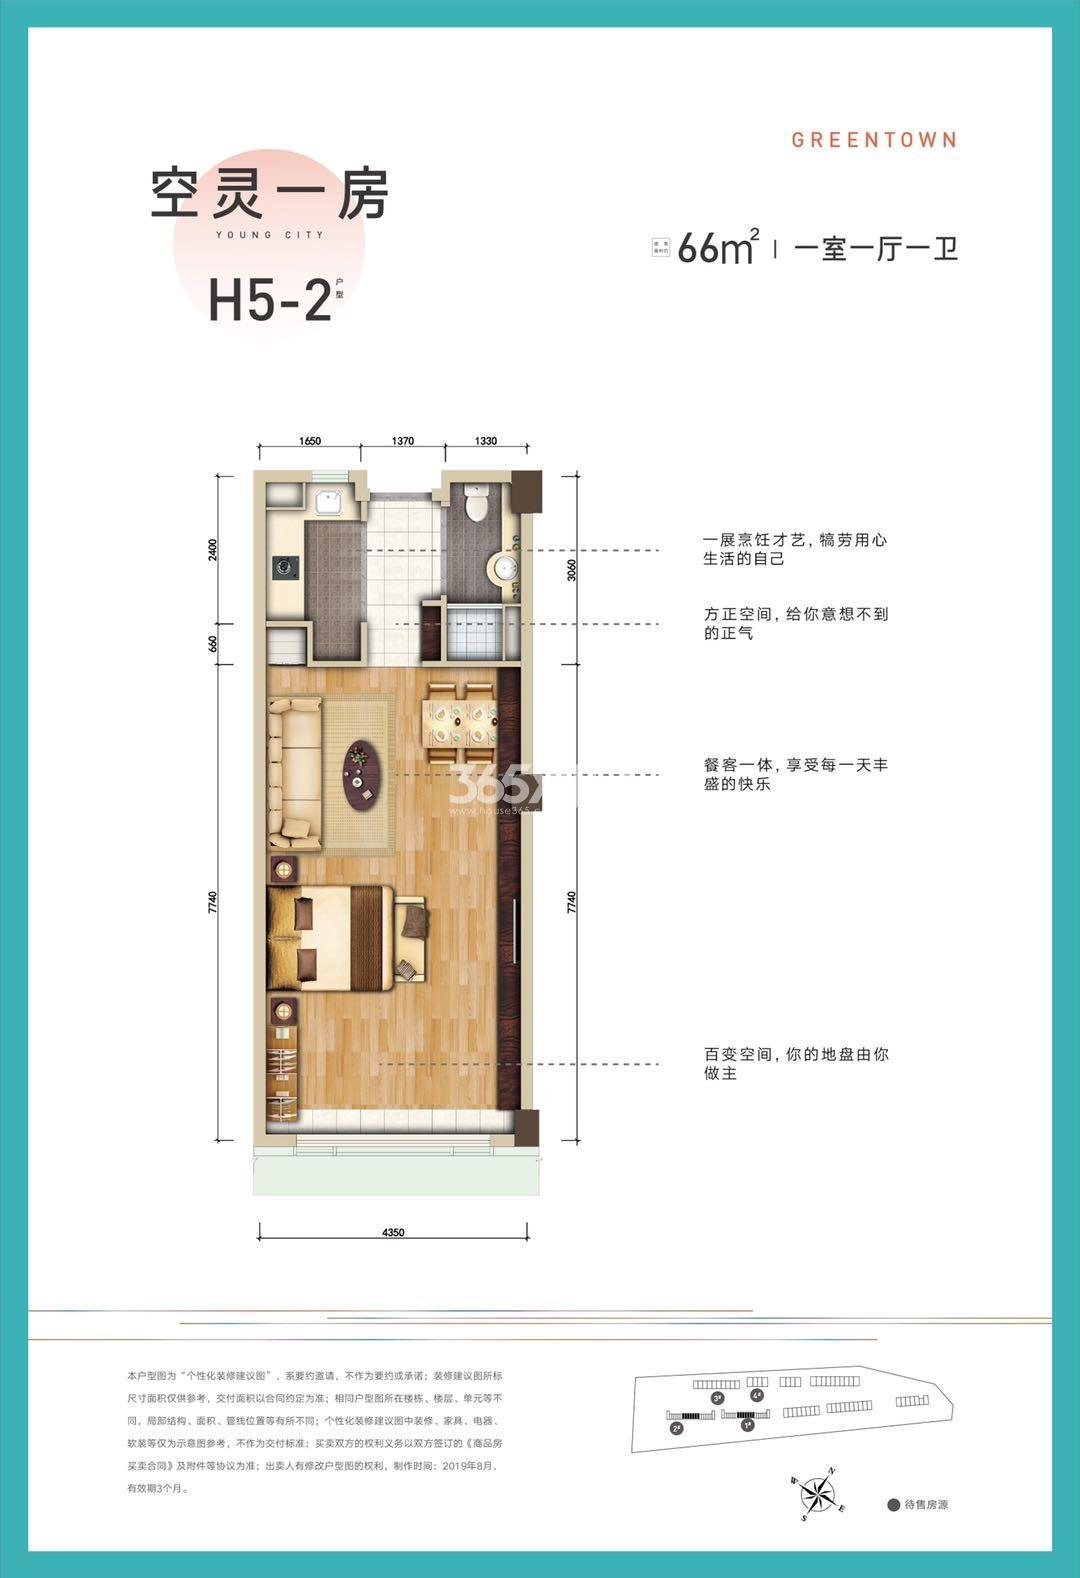 地铁绿城杨柳郡四期H5-2户型约66㎡(1#2#中间套)